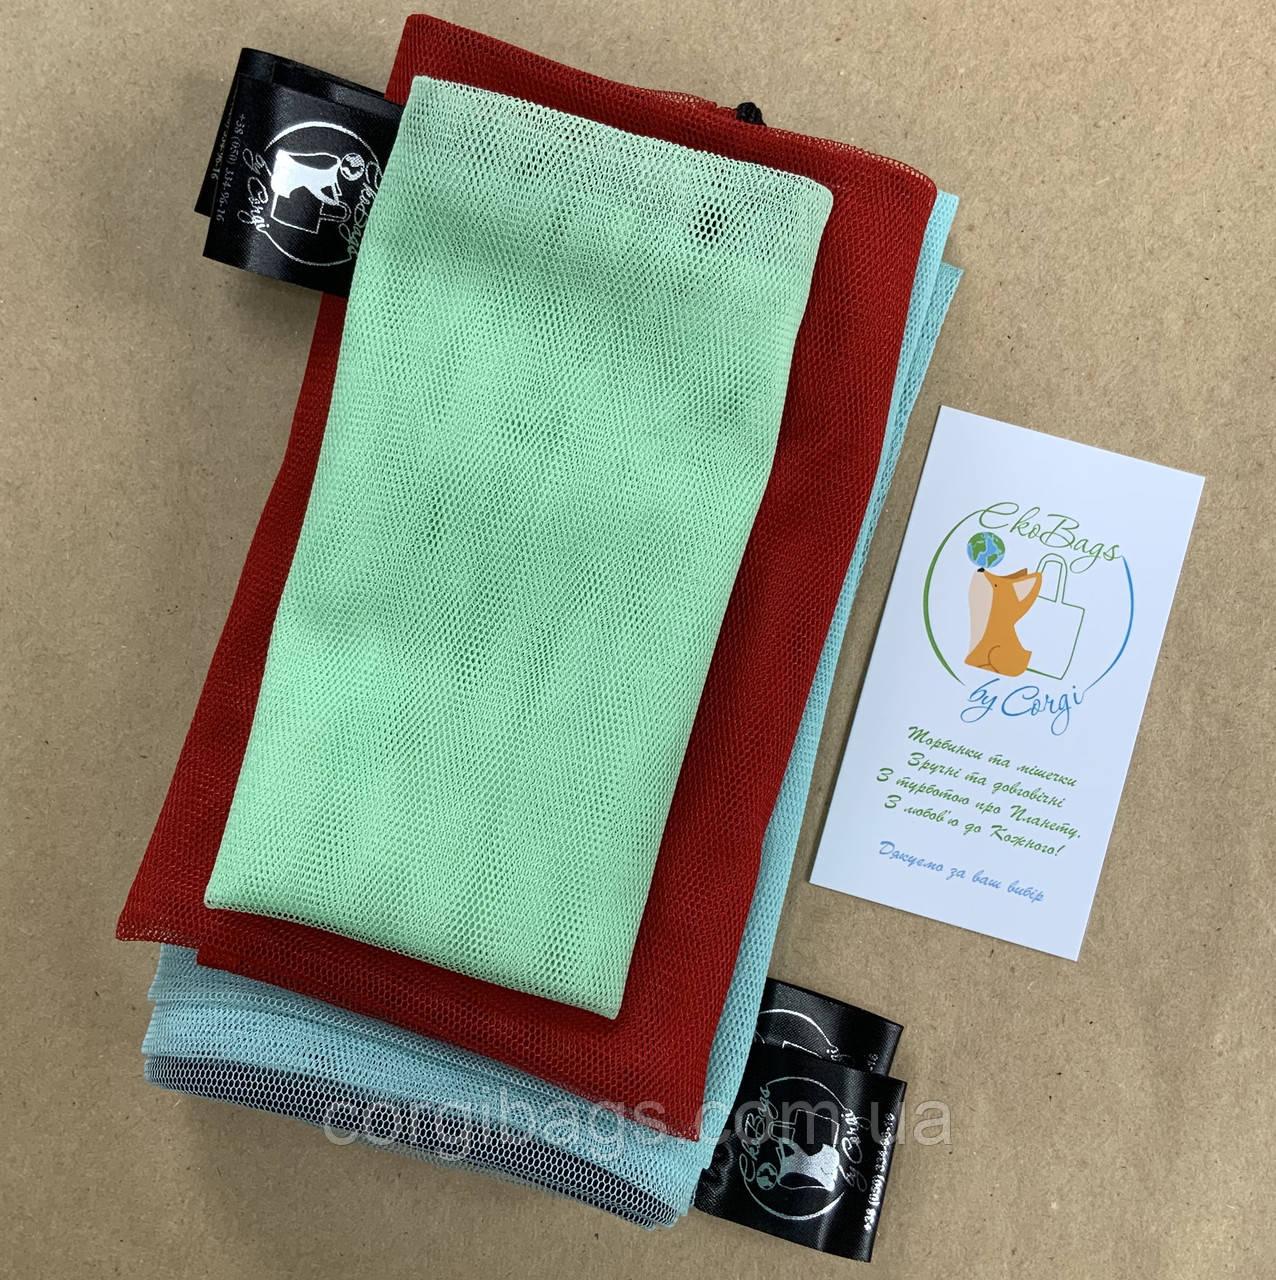 Эко мешочки, многоразовые мешки для продуктов, сетчатые сумки для овощей и фруктов,  набор 6 штук